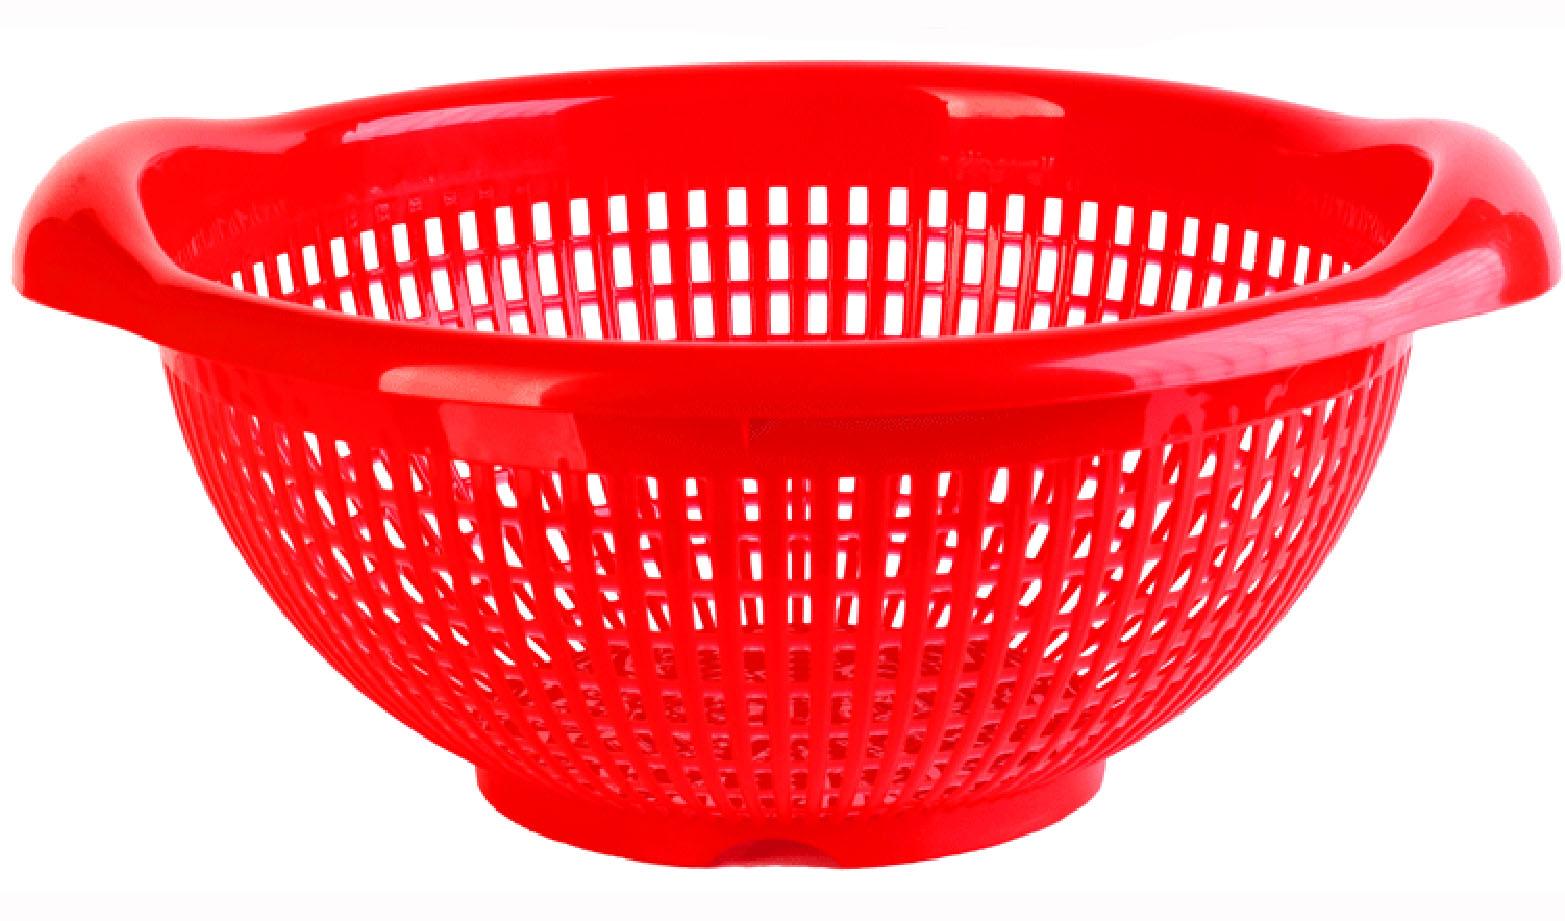 Дуршлаг Idea, цвет: красный, диаметр 25 смМ 1131Дуршлаг Idea, изготовленный из пищевого полипропилена, станет полезным приобретением для вашей кухни. Он идеально подходит для процеживания, ополаскивания овощей и фруктов и стекания жидкости. Дуршлаг оснащен устойчивым основанием и удобными ручками по бокам. Дуршлаг Idea станет незаменимым атрибутом на кухне каждой хозяйки. Диаметр дуршлага (по верхнему краю): 25 см. Внутренний диаметр: 23 см. Размер дуршлага (с учетом ручек): 27 см х 25 см. Высота стенок: 12 см.